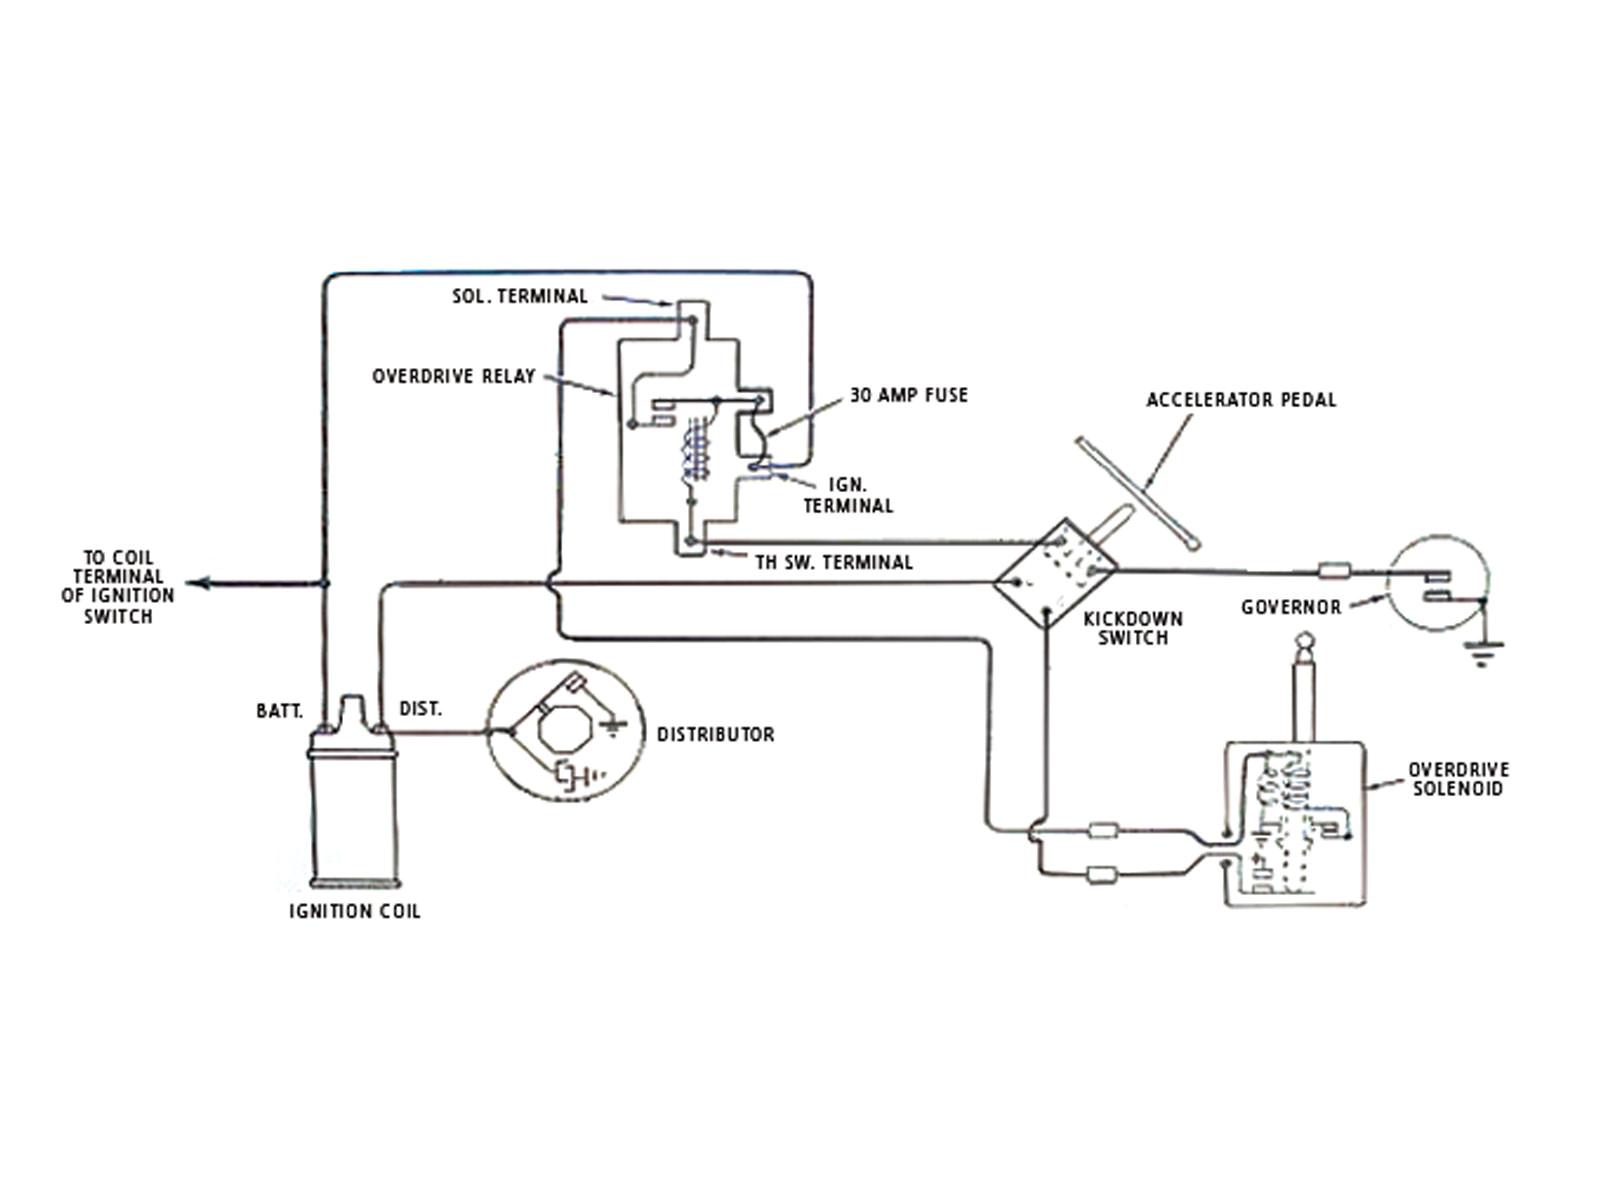 Smartcom Relay Wiring Diagram Smartcom Relay Wiring Diagram Luxury Automotive Relay Wiring Diagram